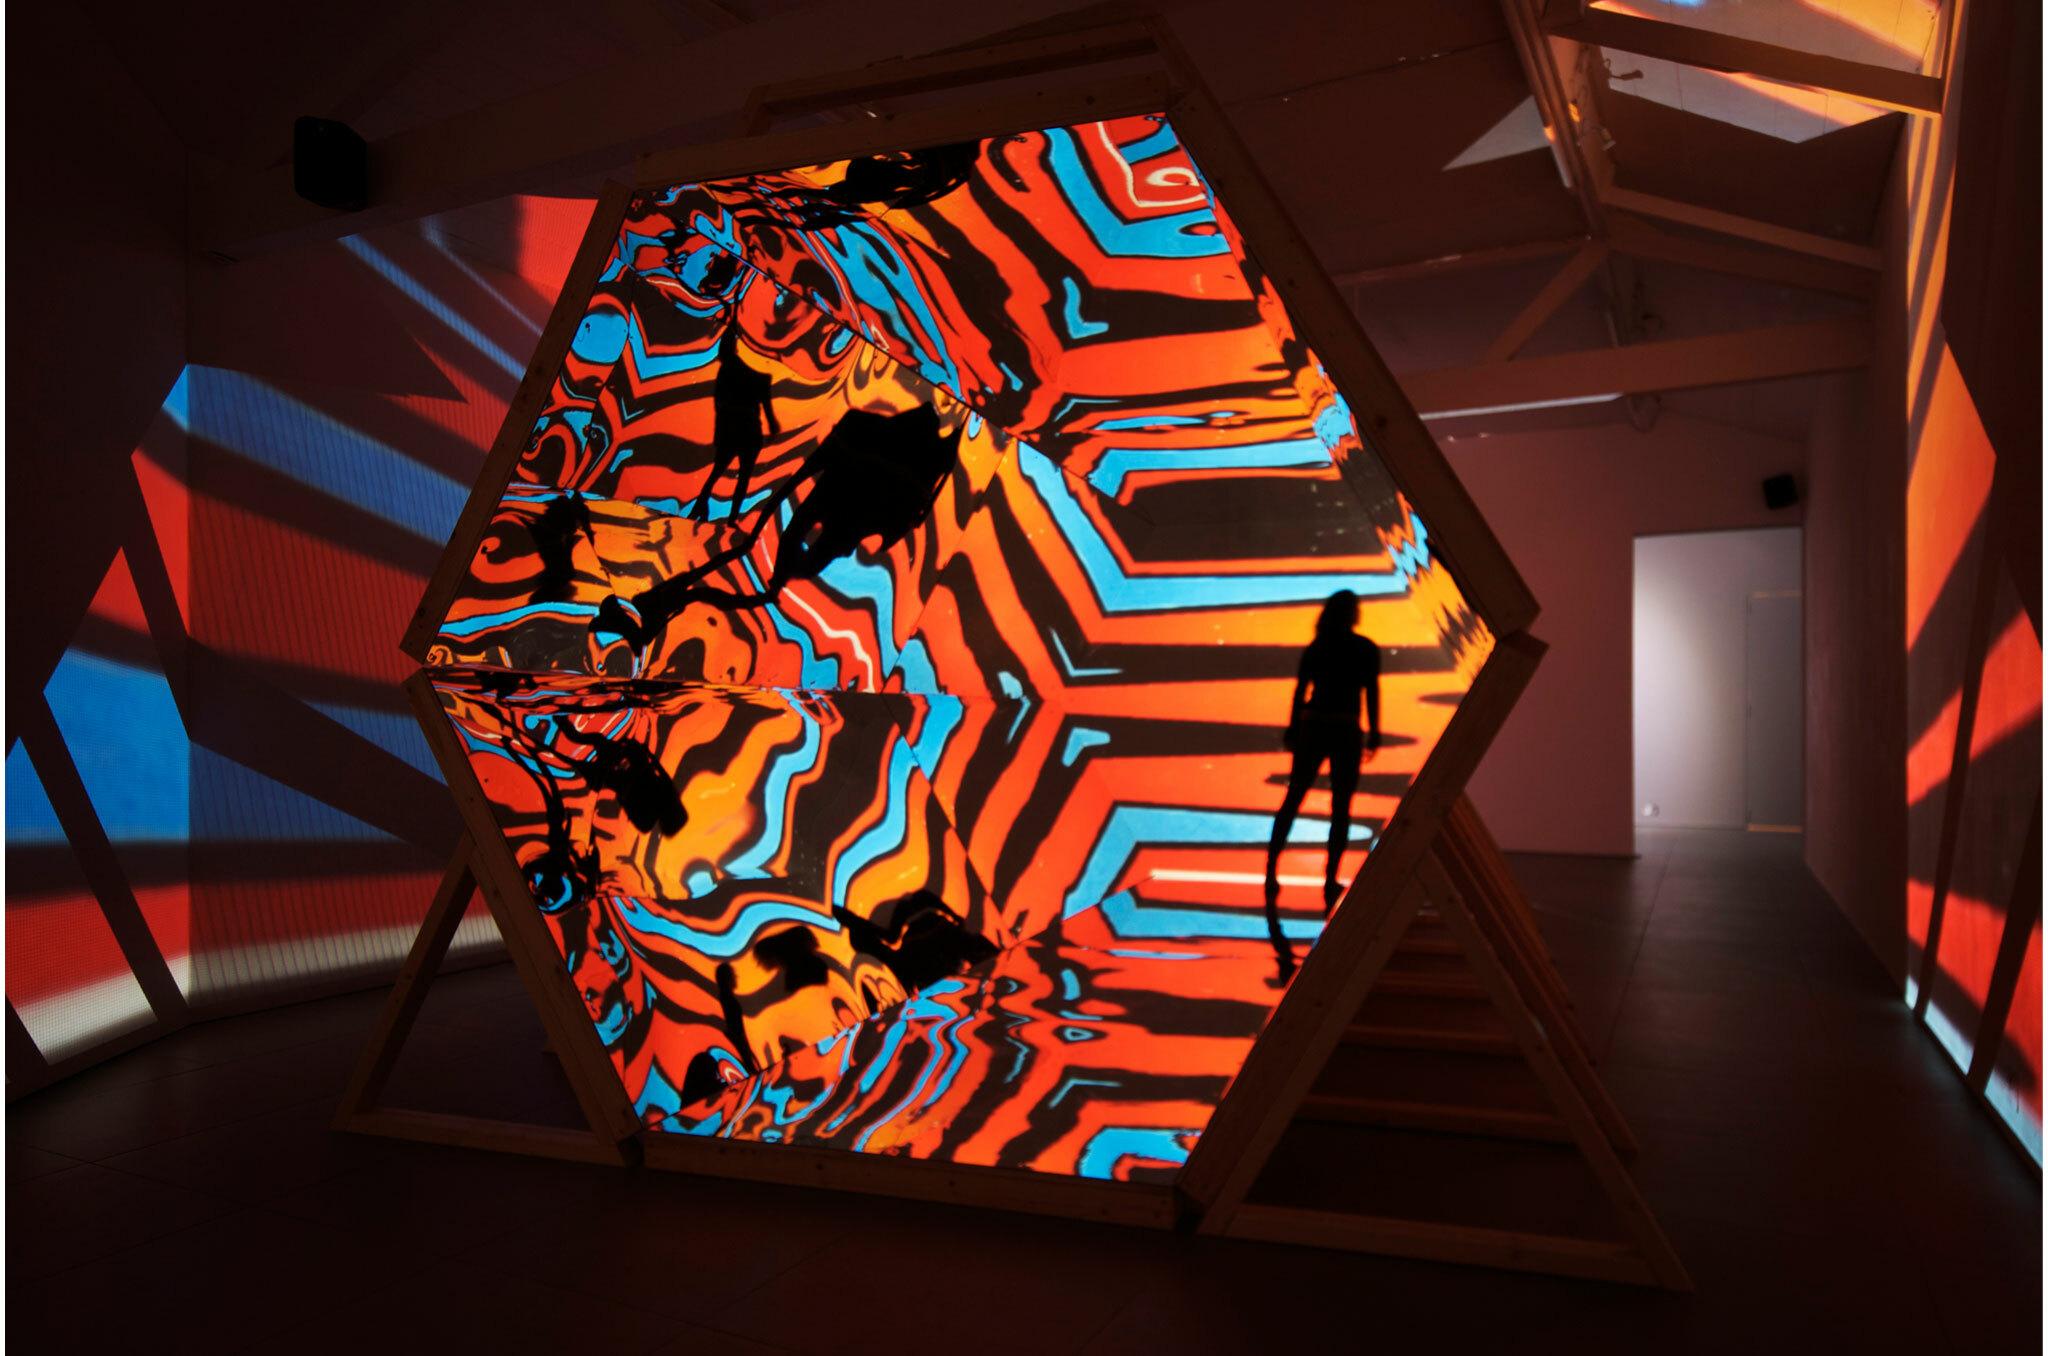 Kaleidoscope review | Saatchi Gallery | Art in London